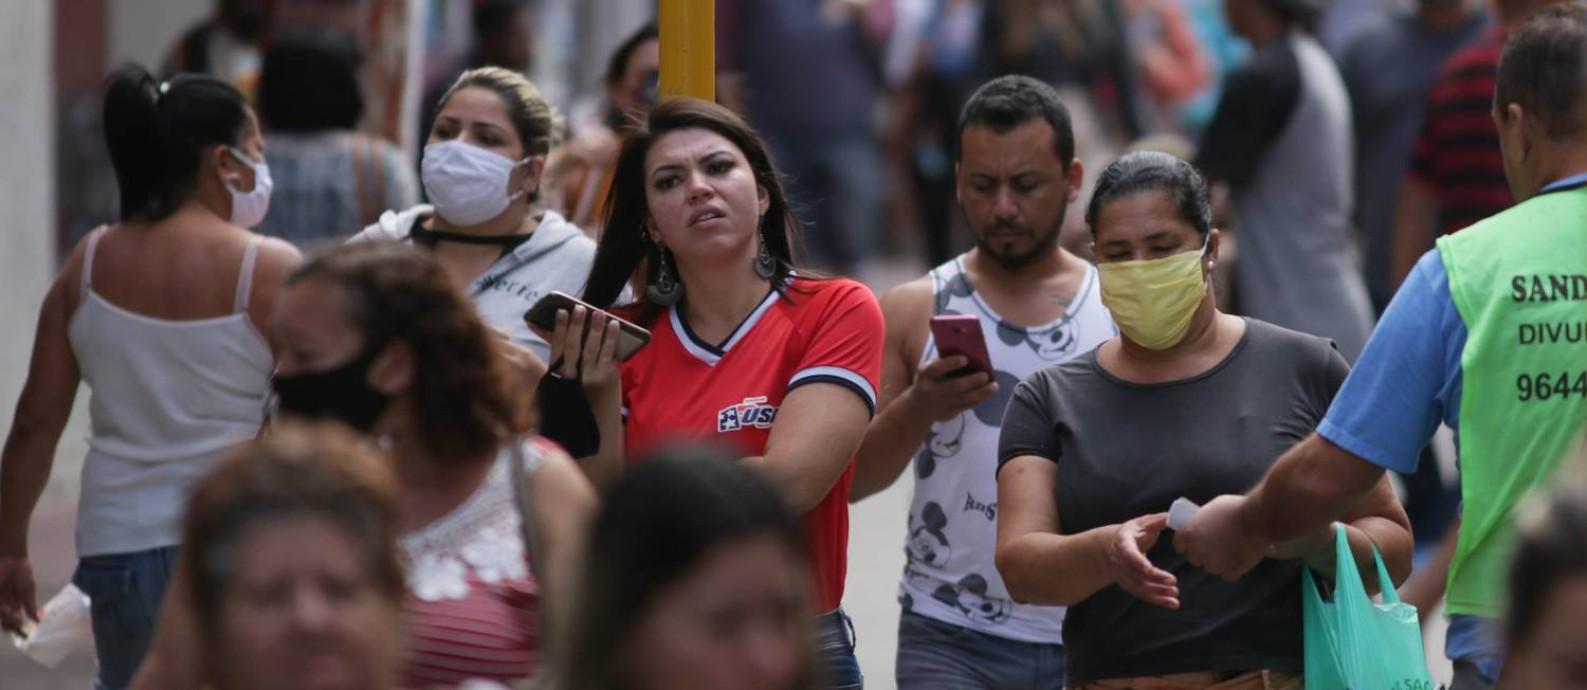 A cidade de Belford Roxo, no Rio, teve aumento de infectados pela Covid-19 Foto: Cléber Júnior / Agência O Globo